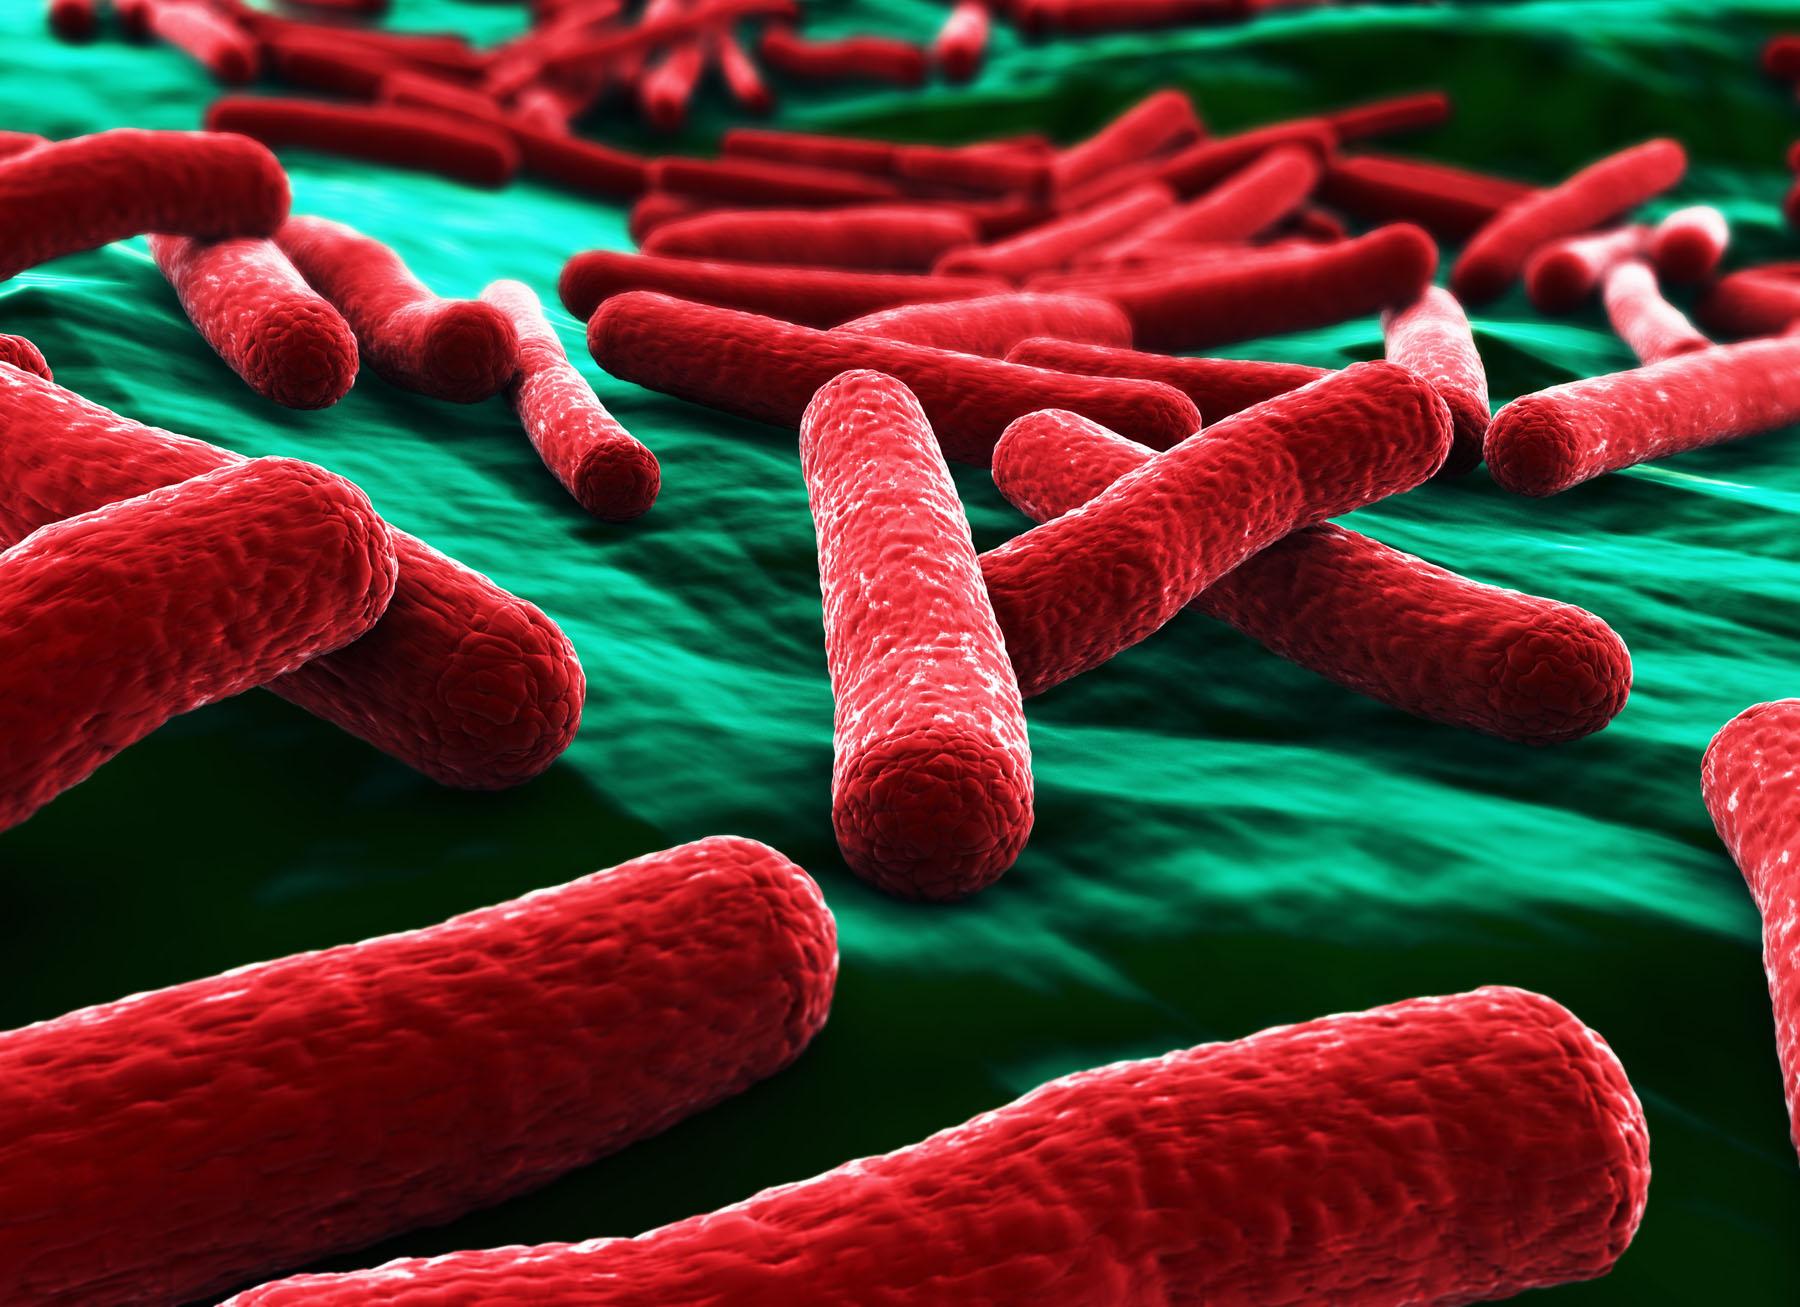 Mikroskopische Vergrößerung von E. coli-Bakterien in ihrer typischen Stäbchenform